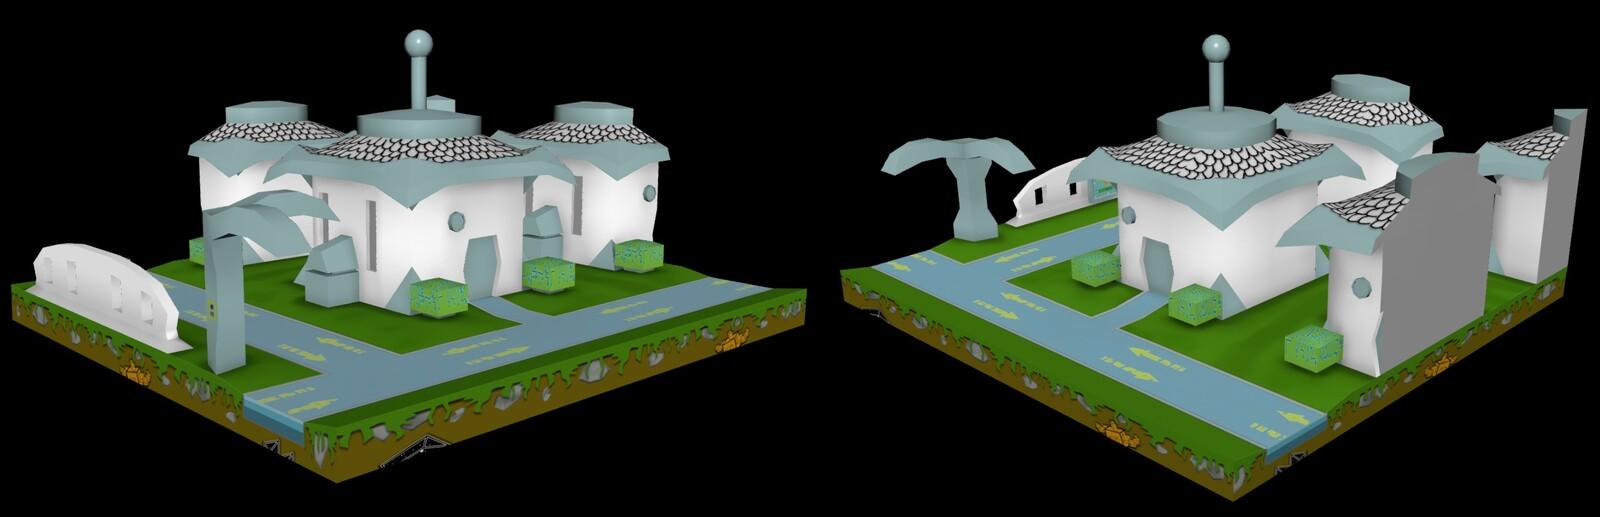 Simple Par'N Town Concept Model